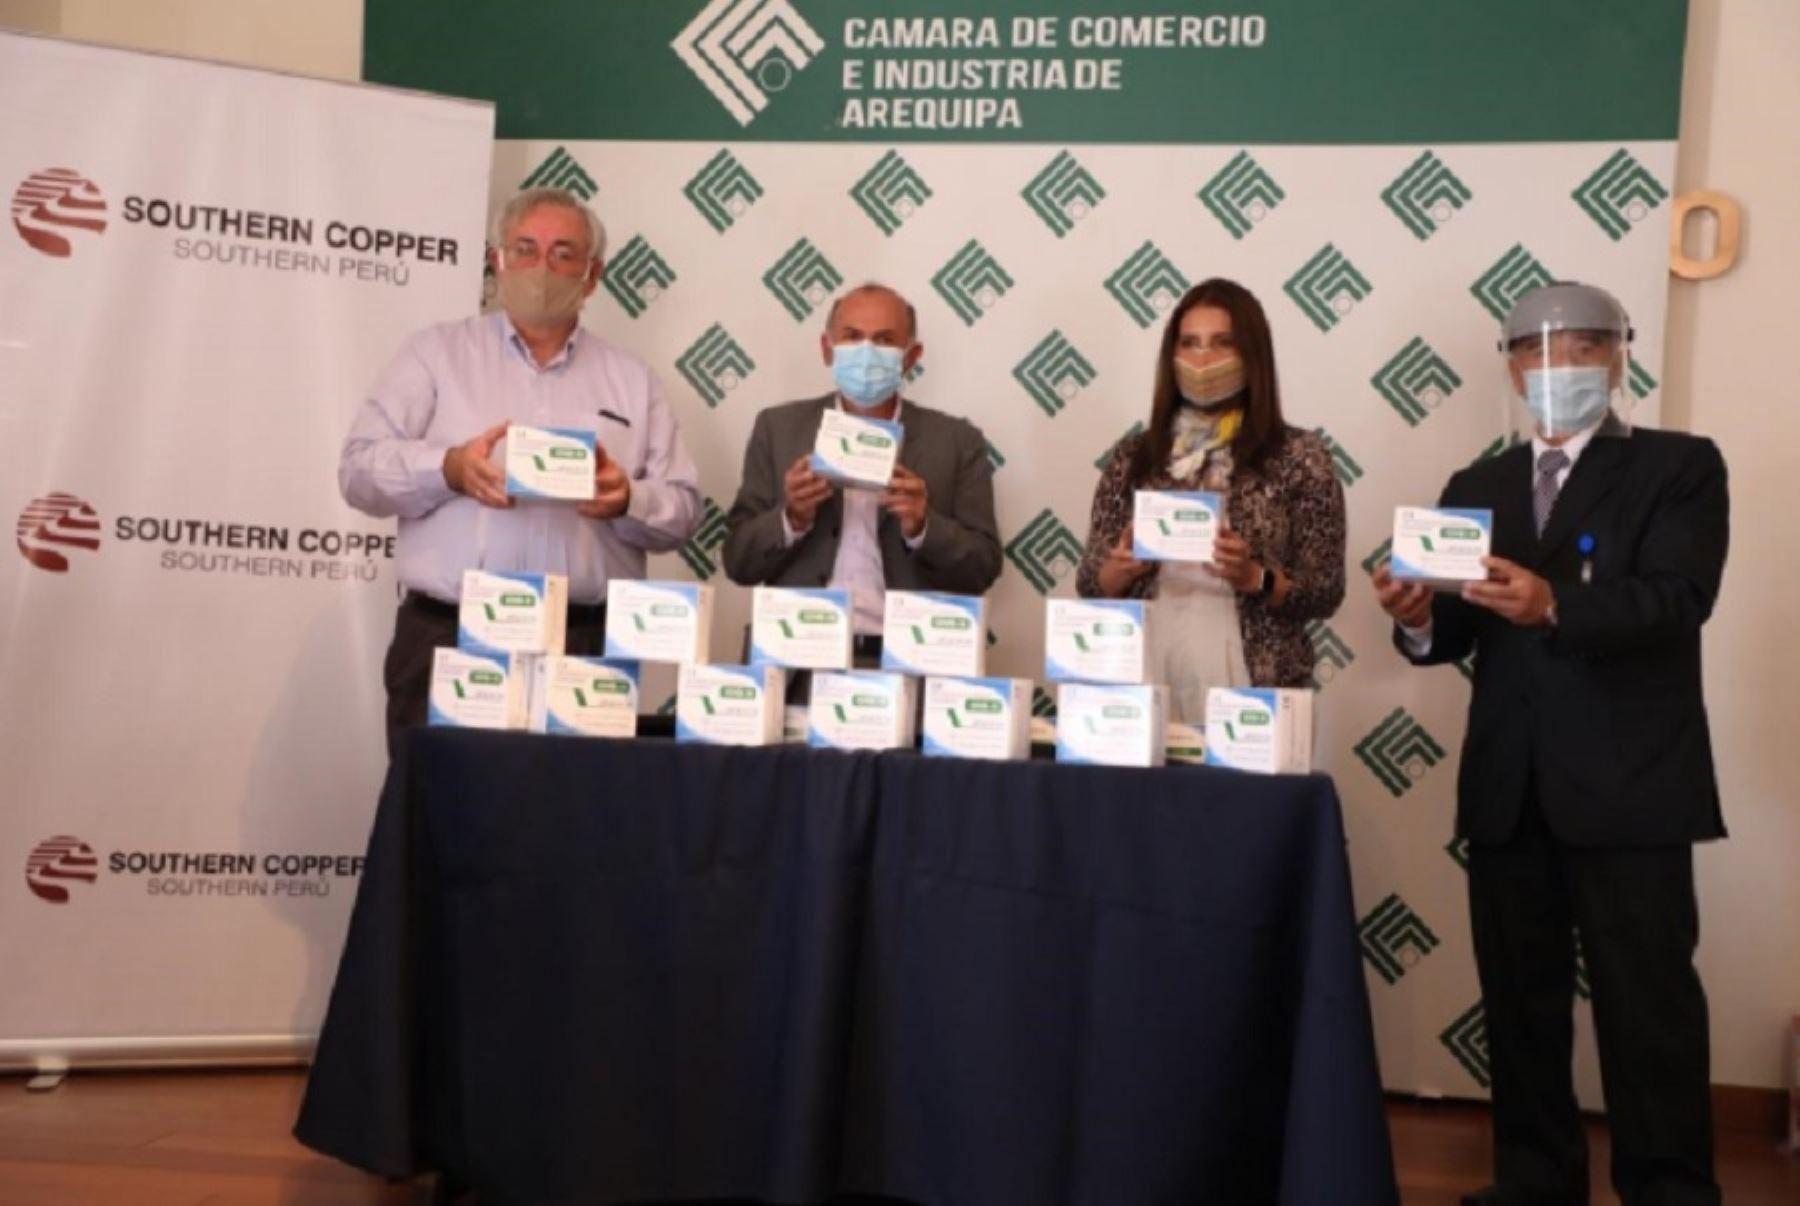 El Comando Operacional Covid-19 de Arequipa y la Gerencia Regional de Salud recibieron una donación de 25,000 pruebas rápidas de parte de la Cámara de Comercio e Industria de Arequipa (CCIA) y de la compañía Southern Peru, que contribuirán a mejorar el sistema de vigilancia sanitaria para enfrentar el virus. Foto: Rocío Méndez.